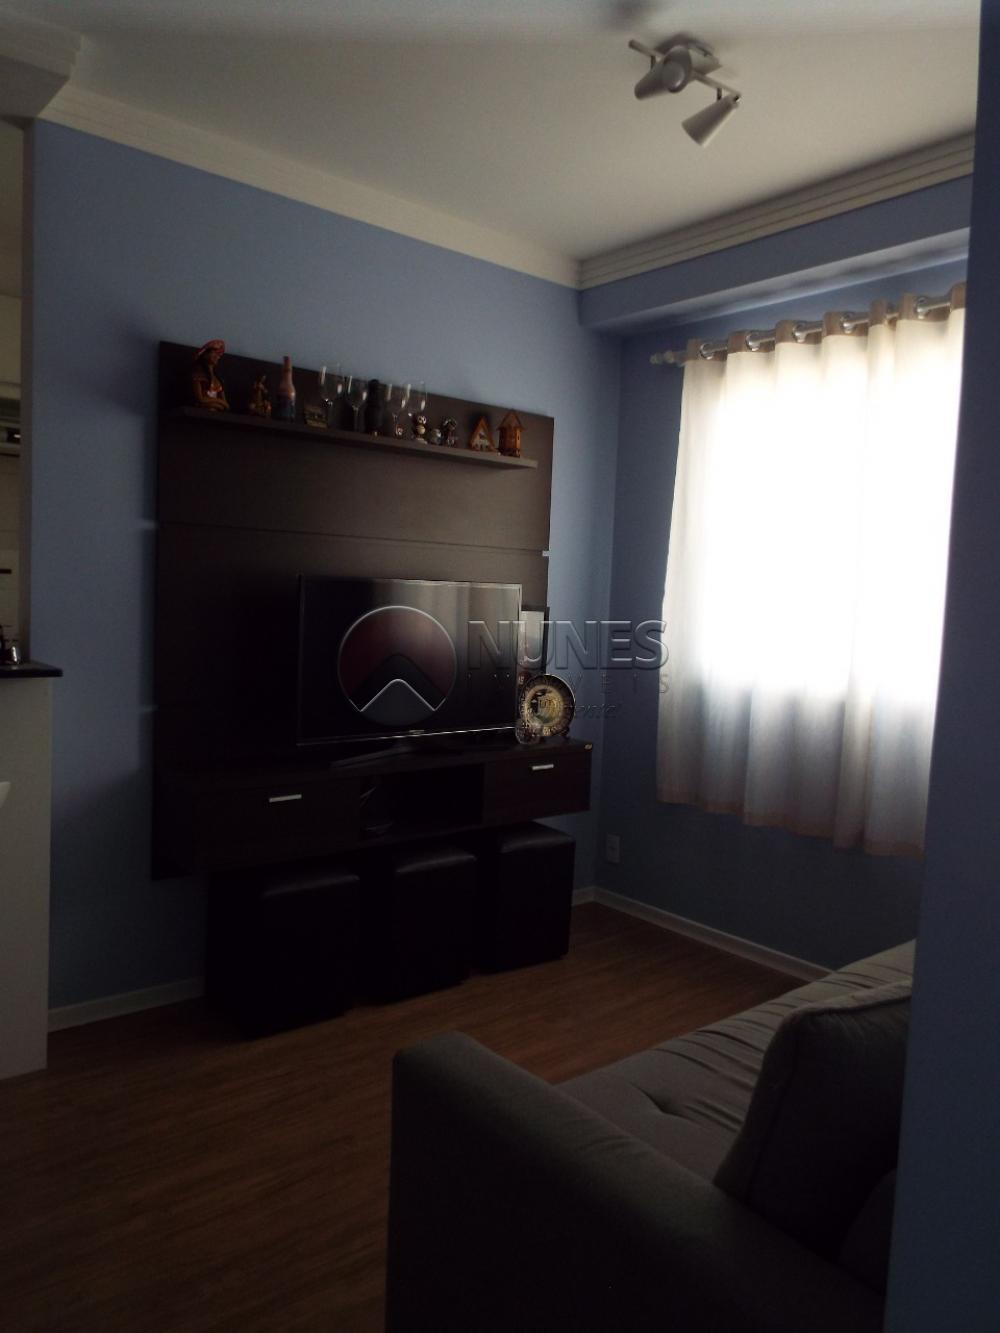 Comprar Apartamento / Padrão em Barueri apenas R$ 275.000,00 - Foto 8